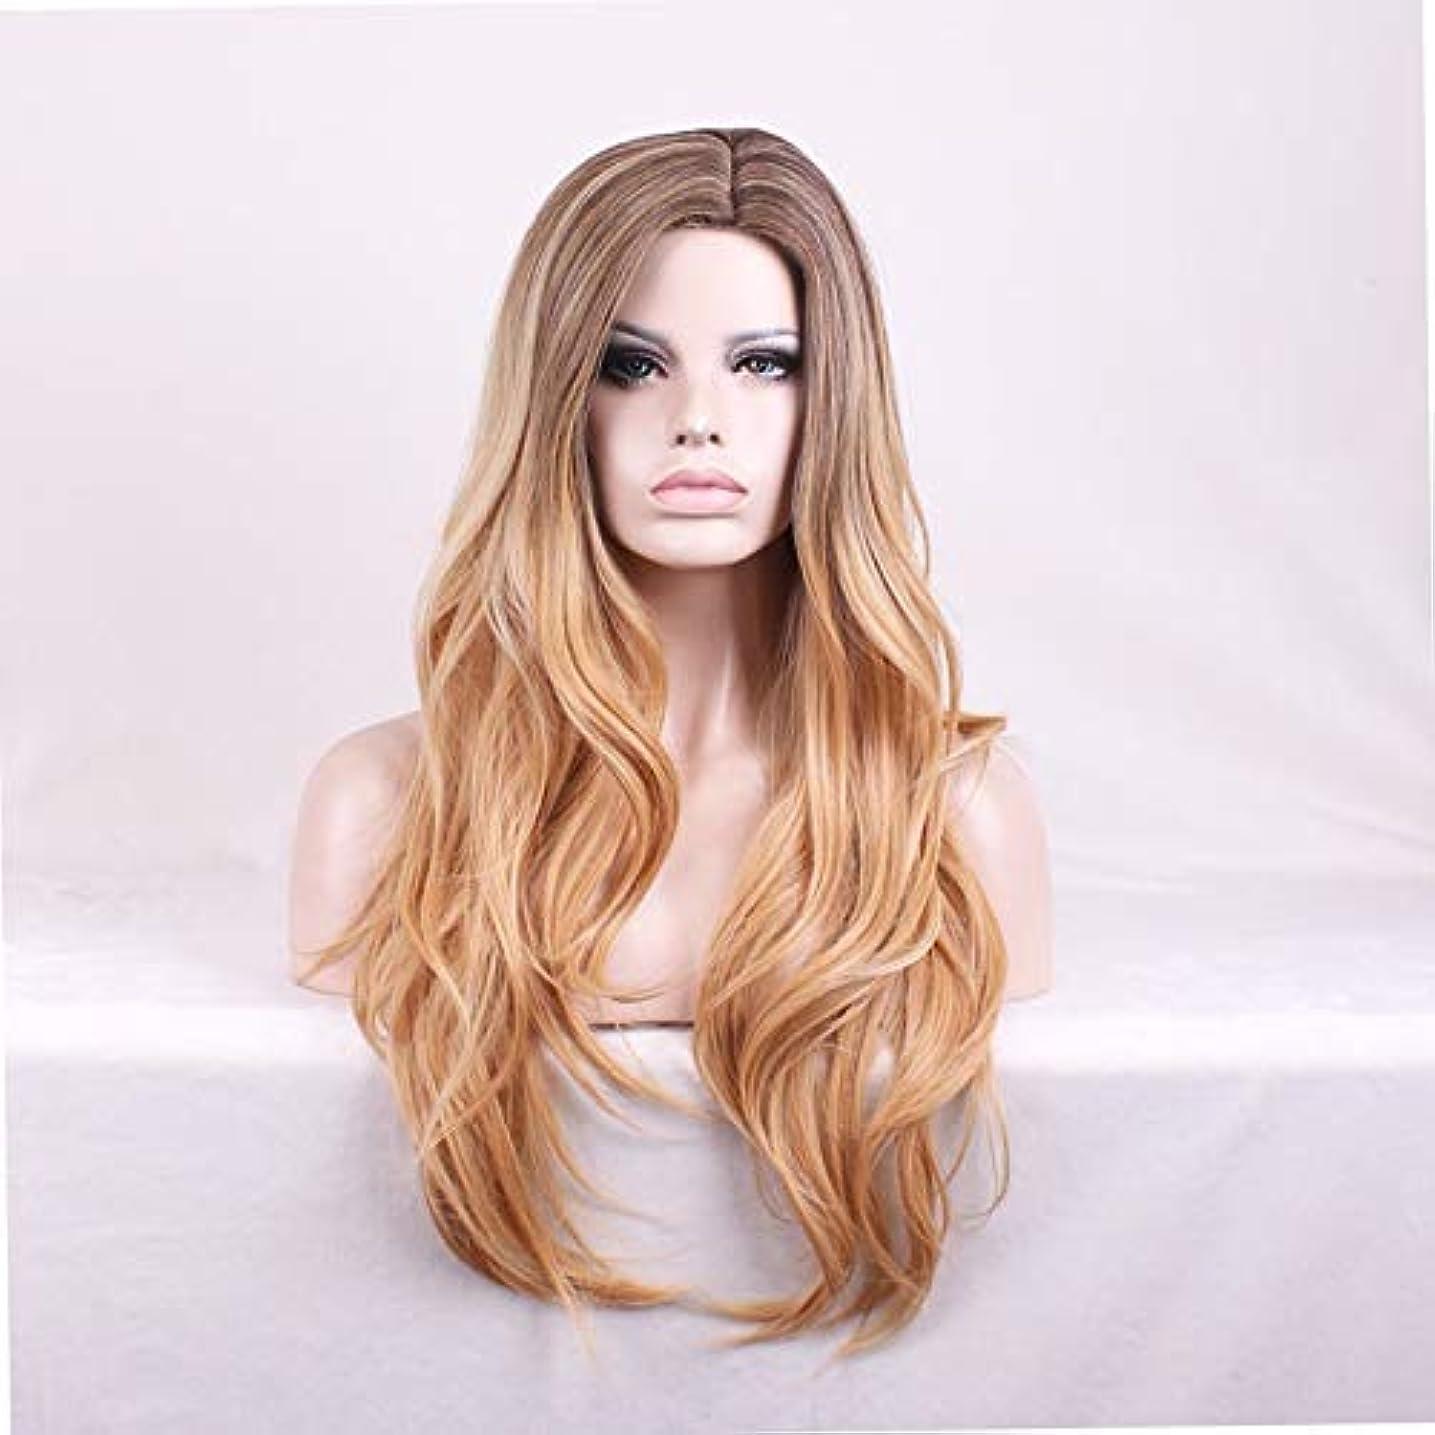 なぞらえるモニカ選挙かつらキャップウィッグロングファンシードレスカールウィッグ高品質の人工毛髪コスプレ高密度ウィッグ女性と女の子用ブラウンゴールドグラデーション